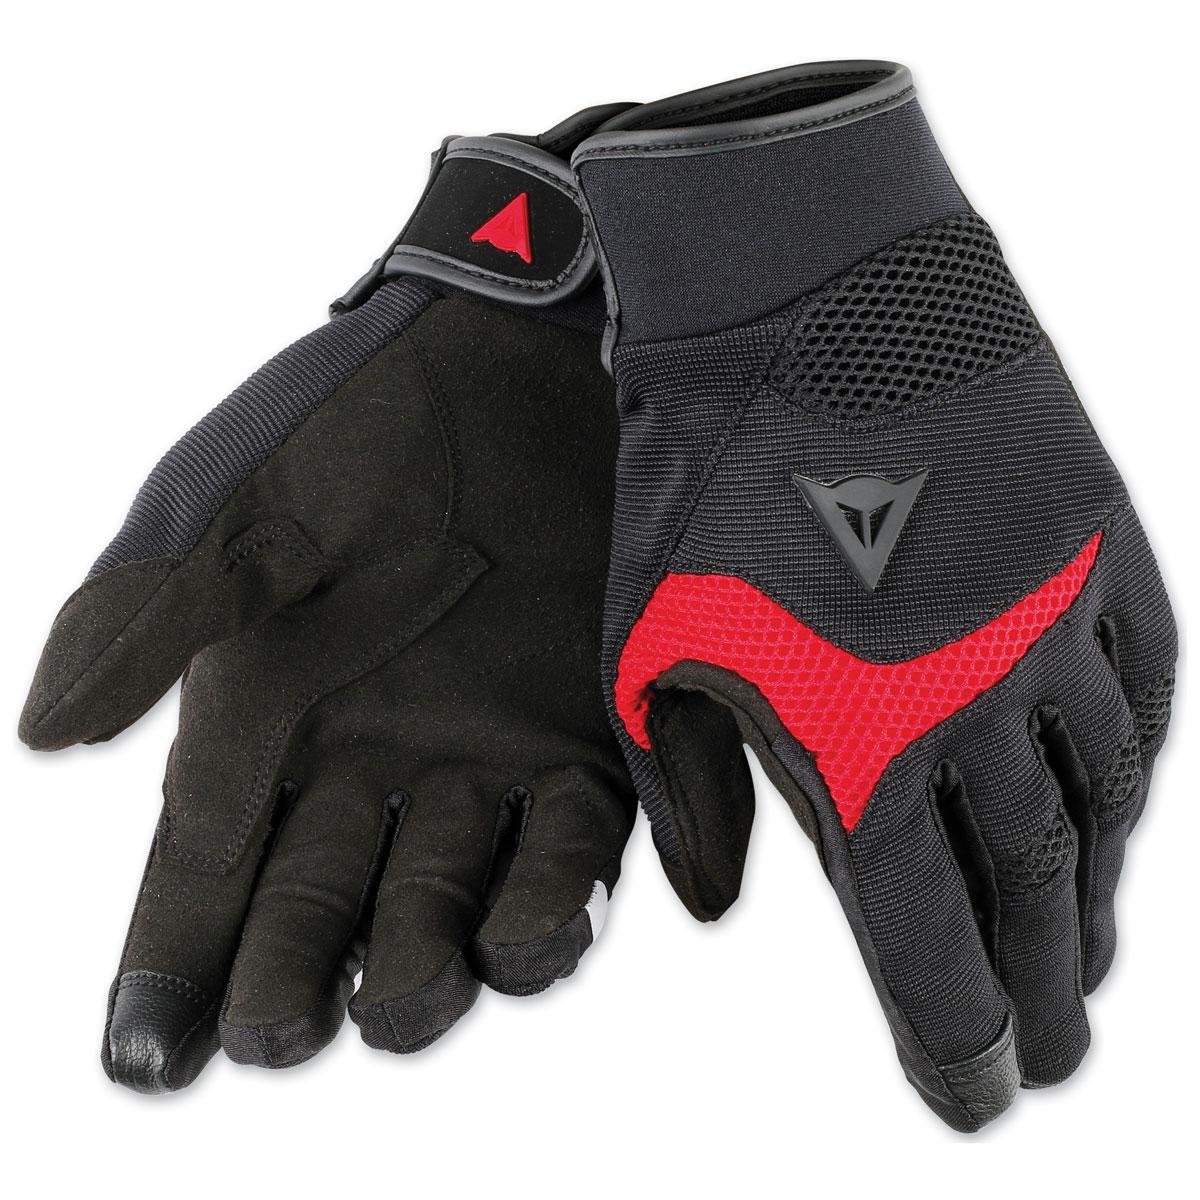 Dainese Unisex Desert Poon D1 Black/Red Gloves